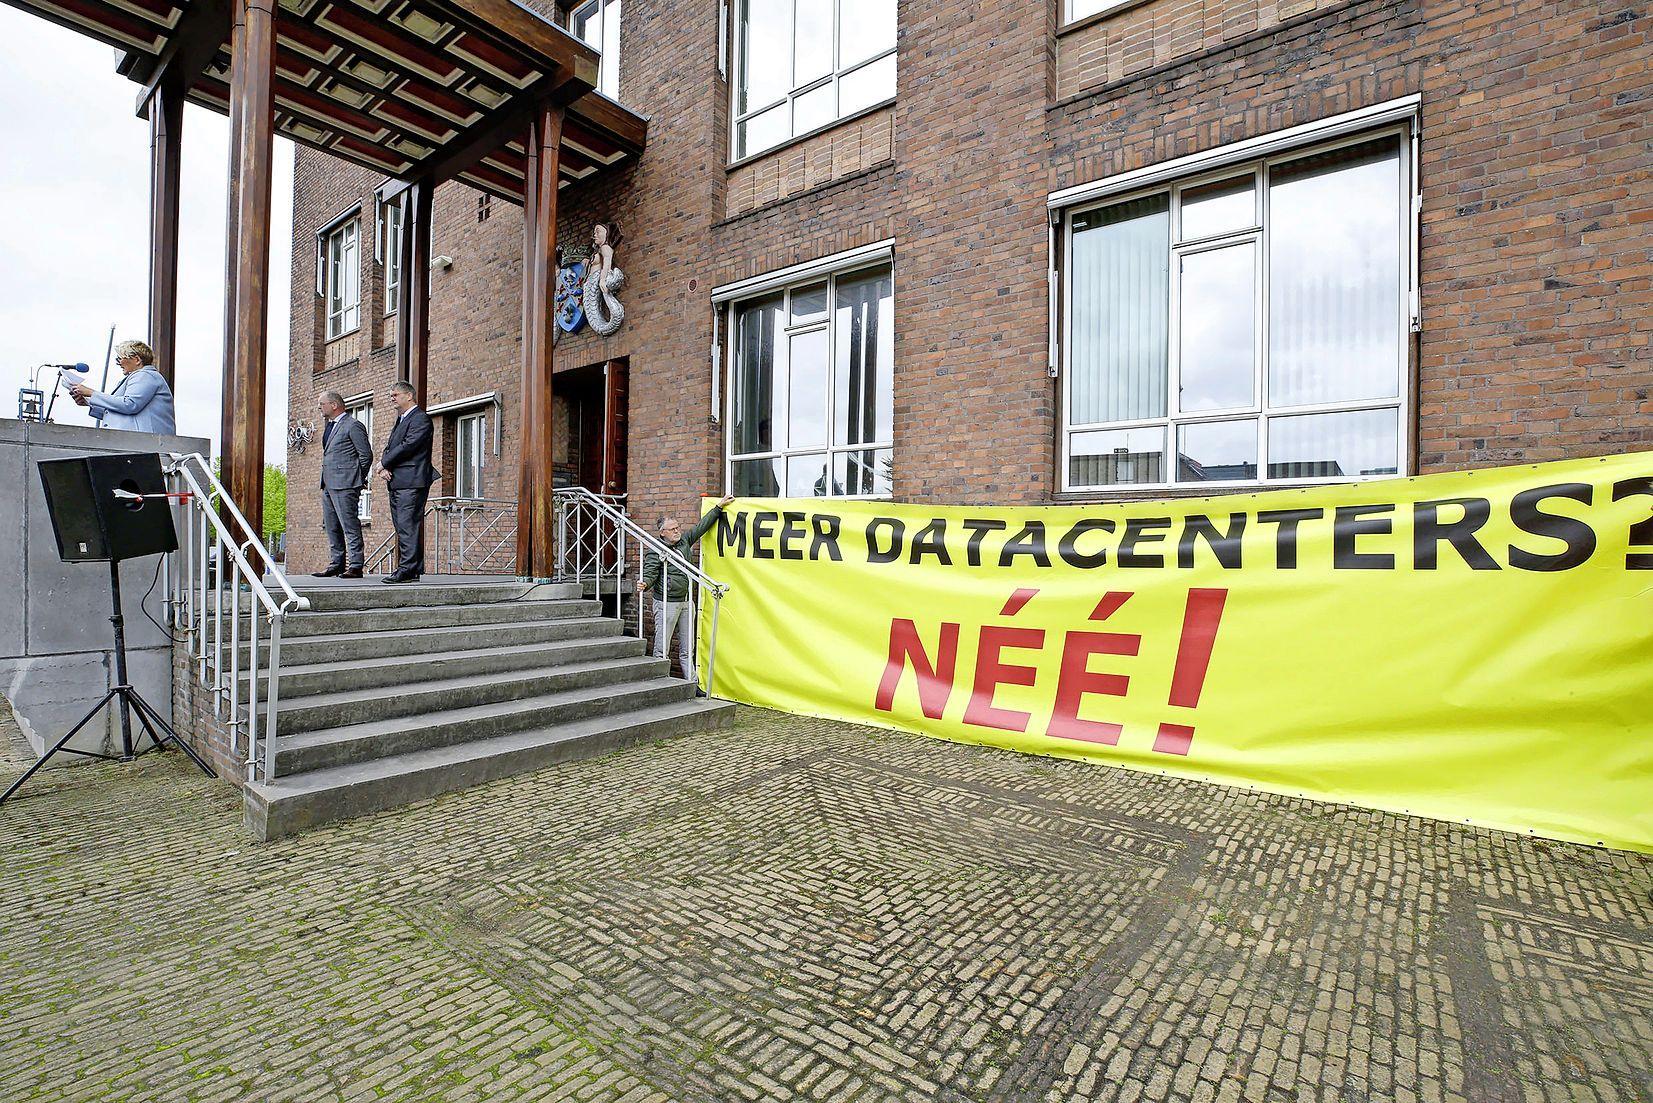 Trekkerprotest en drieduizend handtekeningen tegen meer datacenters. 'Met de komst van datacenters is het paard van Troje binnengehaald'